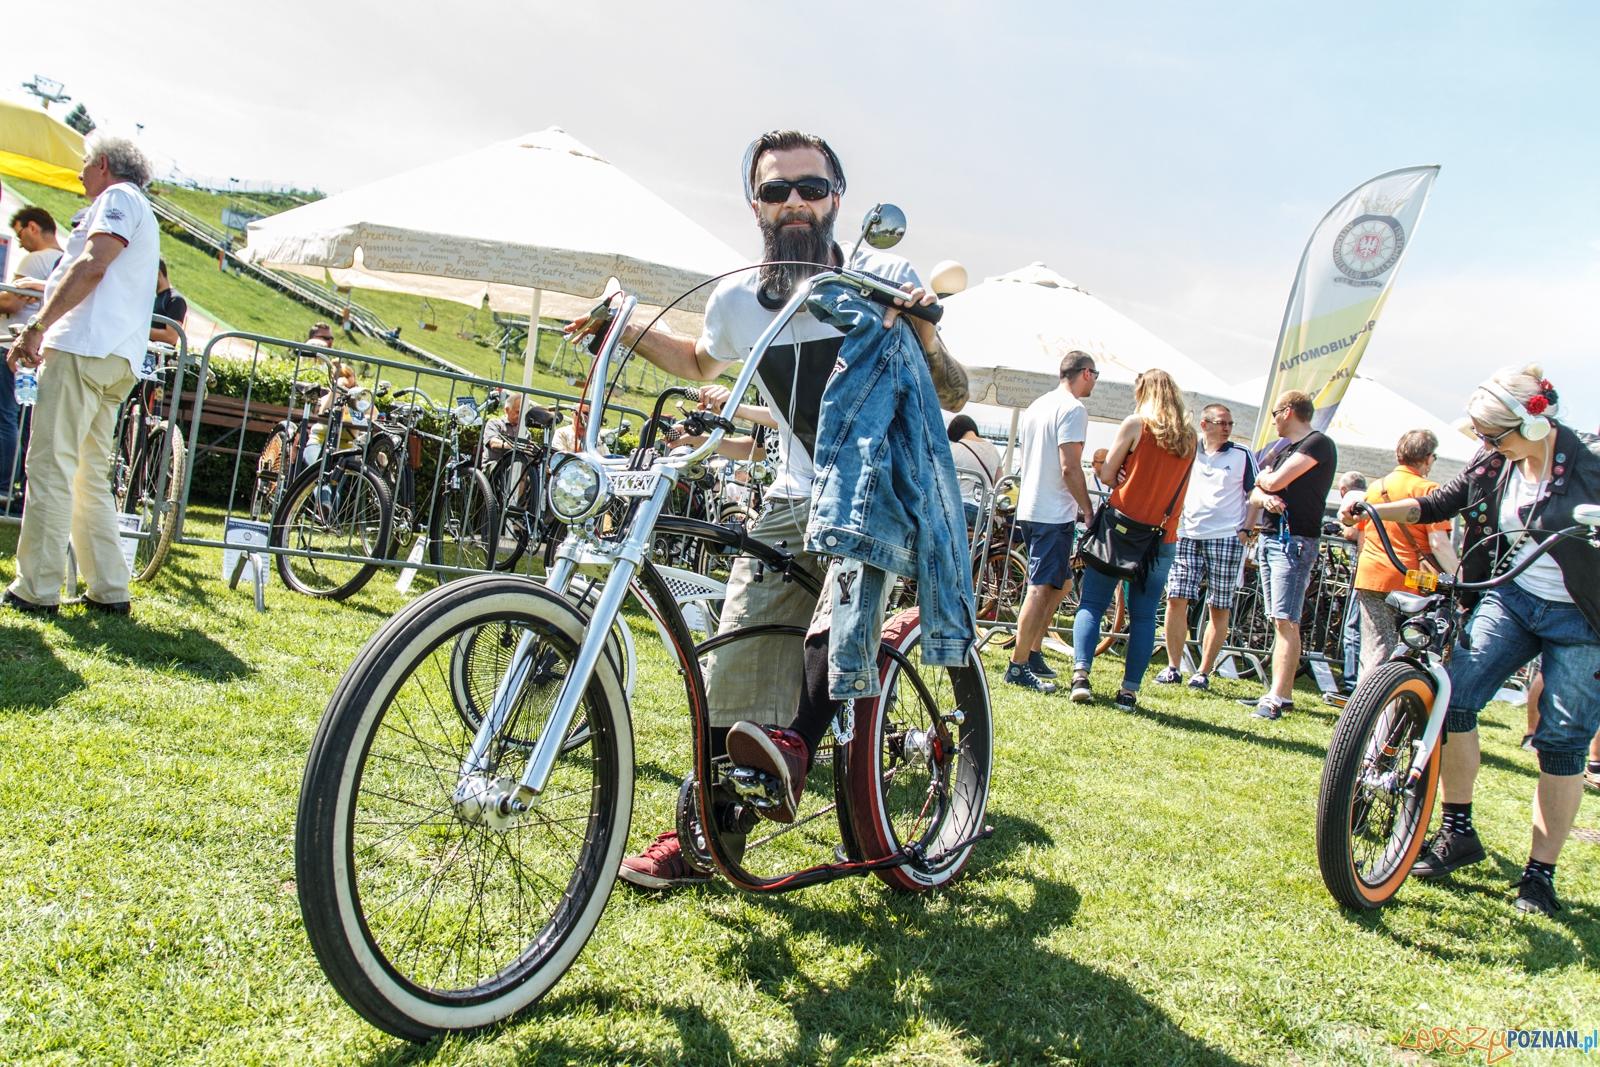 Retroweriada odbyła się na Poznańskiej Malcie. W zlocie moli wziąć udział posiadacze rowerów wyprodukowanych do roku 1945 oraz produkcji polskiej do roku 1965. Zaprosiliszeni na zlot zostali także posiadacze rowerów wyścigowych wyprodukowanych do roku 1980. - Poznań 22.05.2016 r.